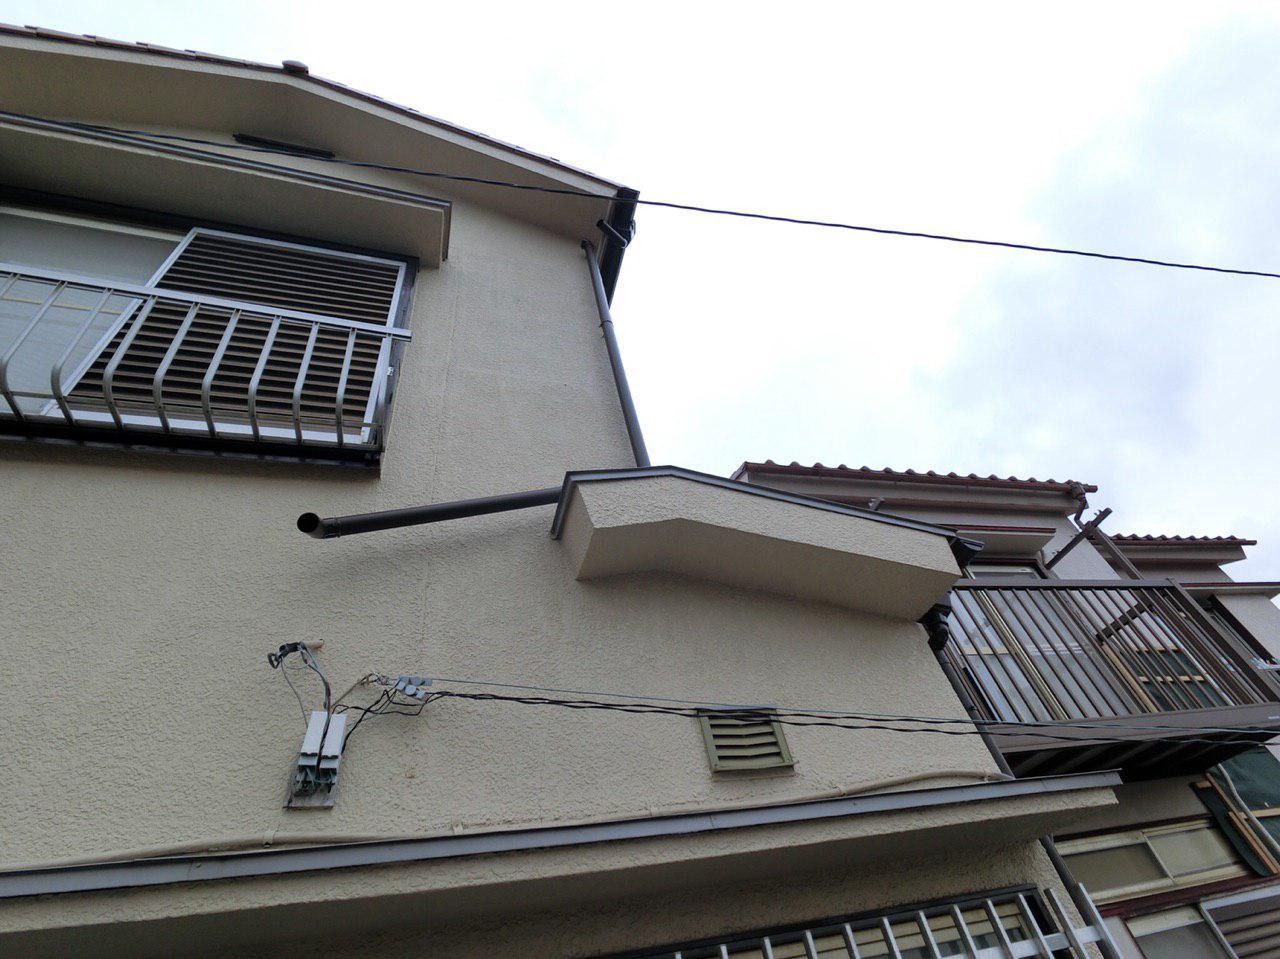 横浜市保土ヶ谷区で台風15号の被害!雨樋を火災保険で実費負担ゼロ工事